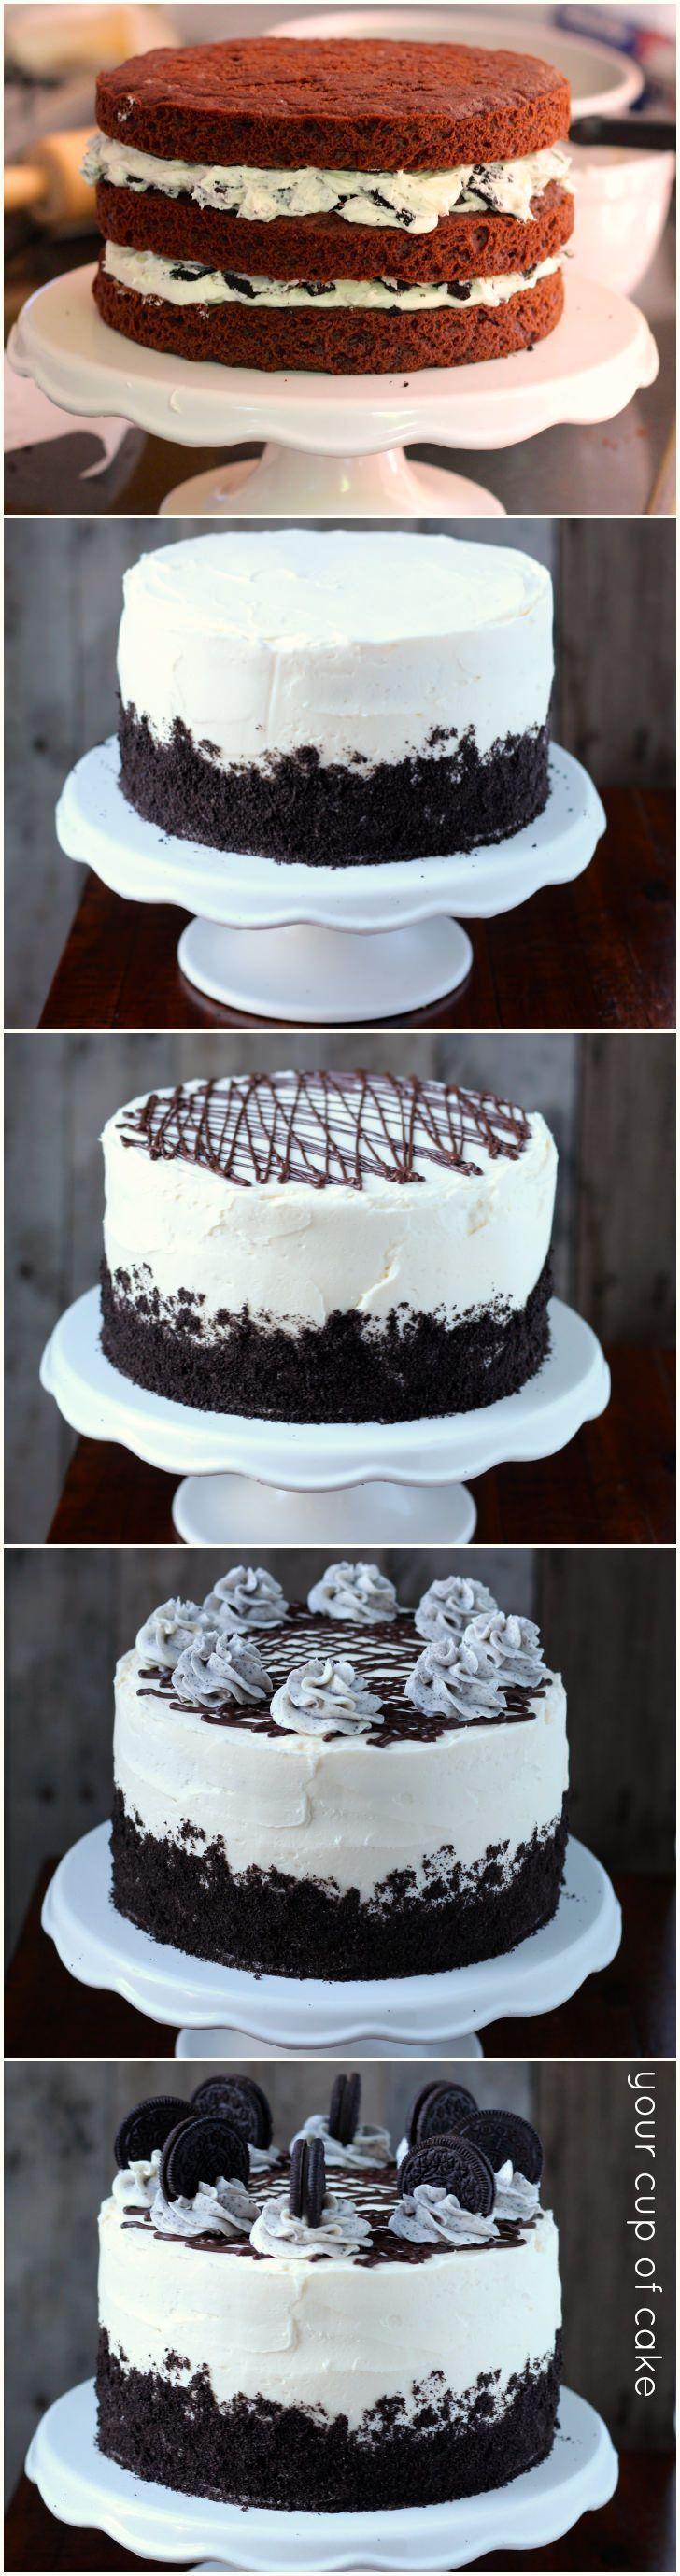 How to make an Oreo Cake.